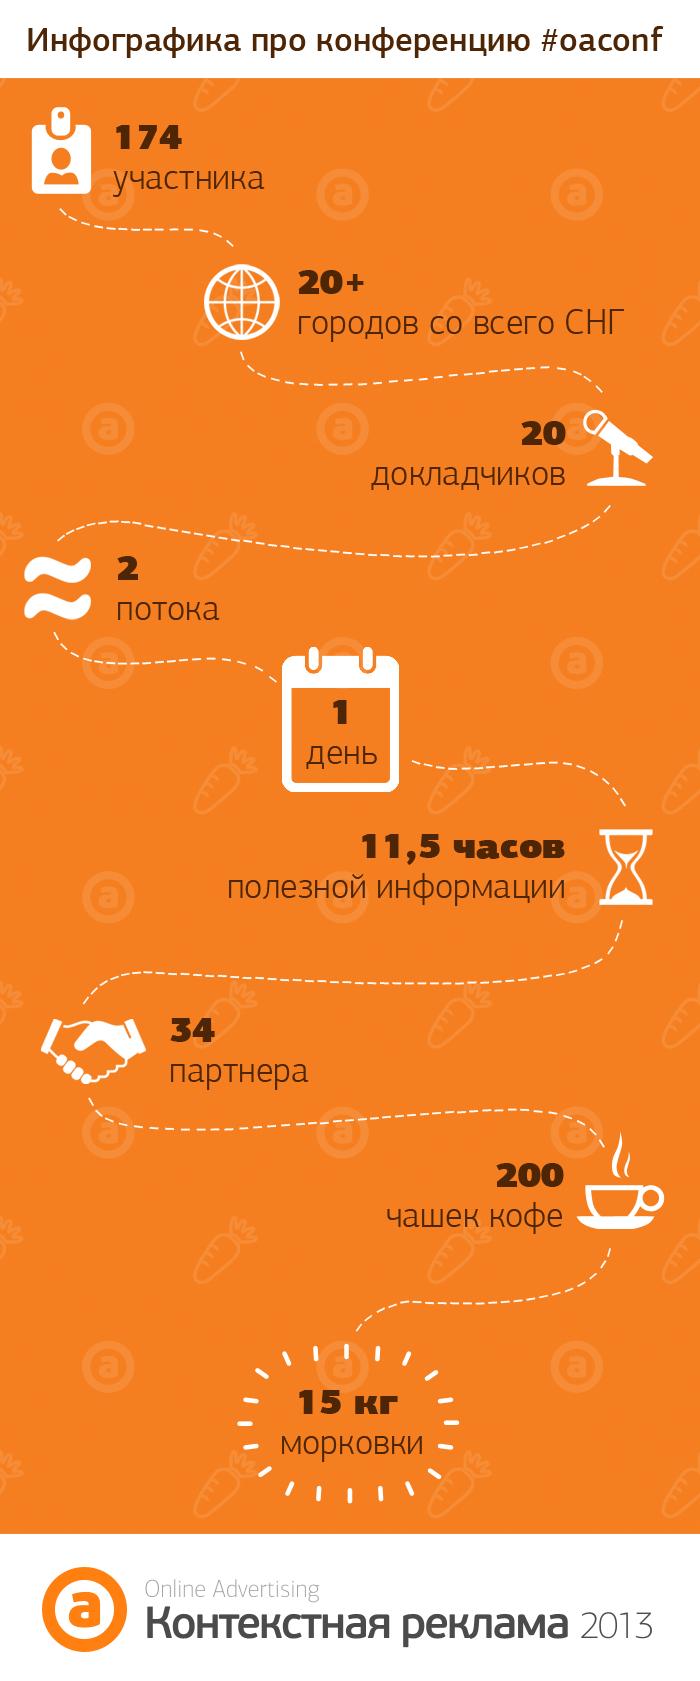 Инфографика Oaconf